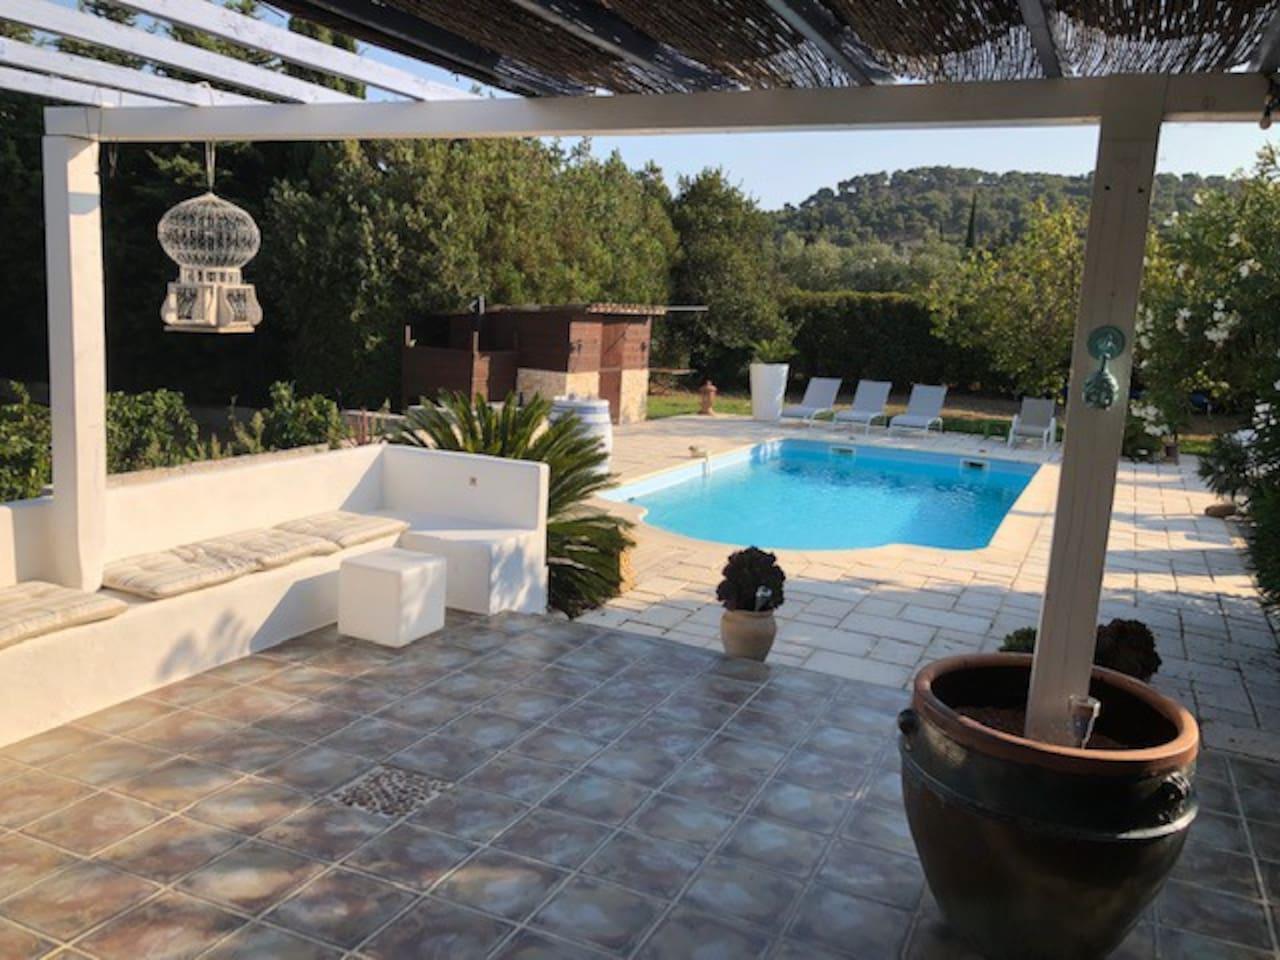 piscine 9mX 4,5m 150 m2 terrasses sans vis à vis Villa 140 m2 piscine / campagne 4600 m2 terrain , proximité plage